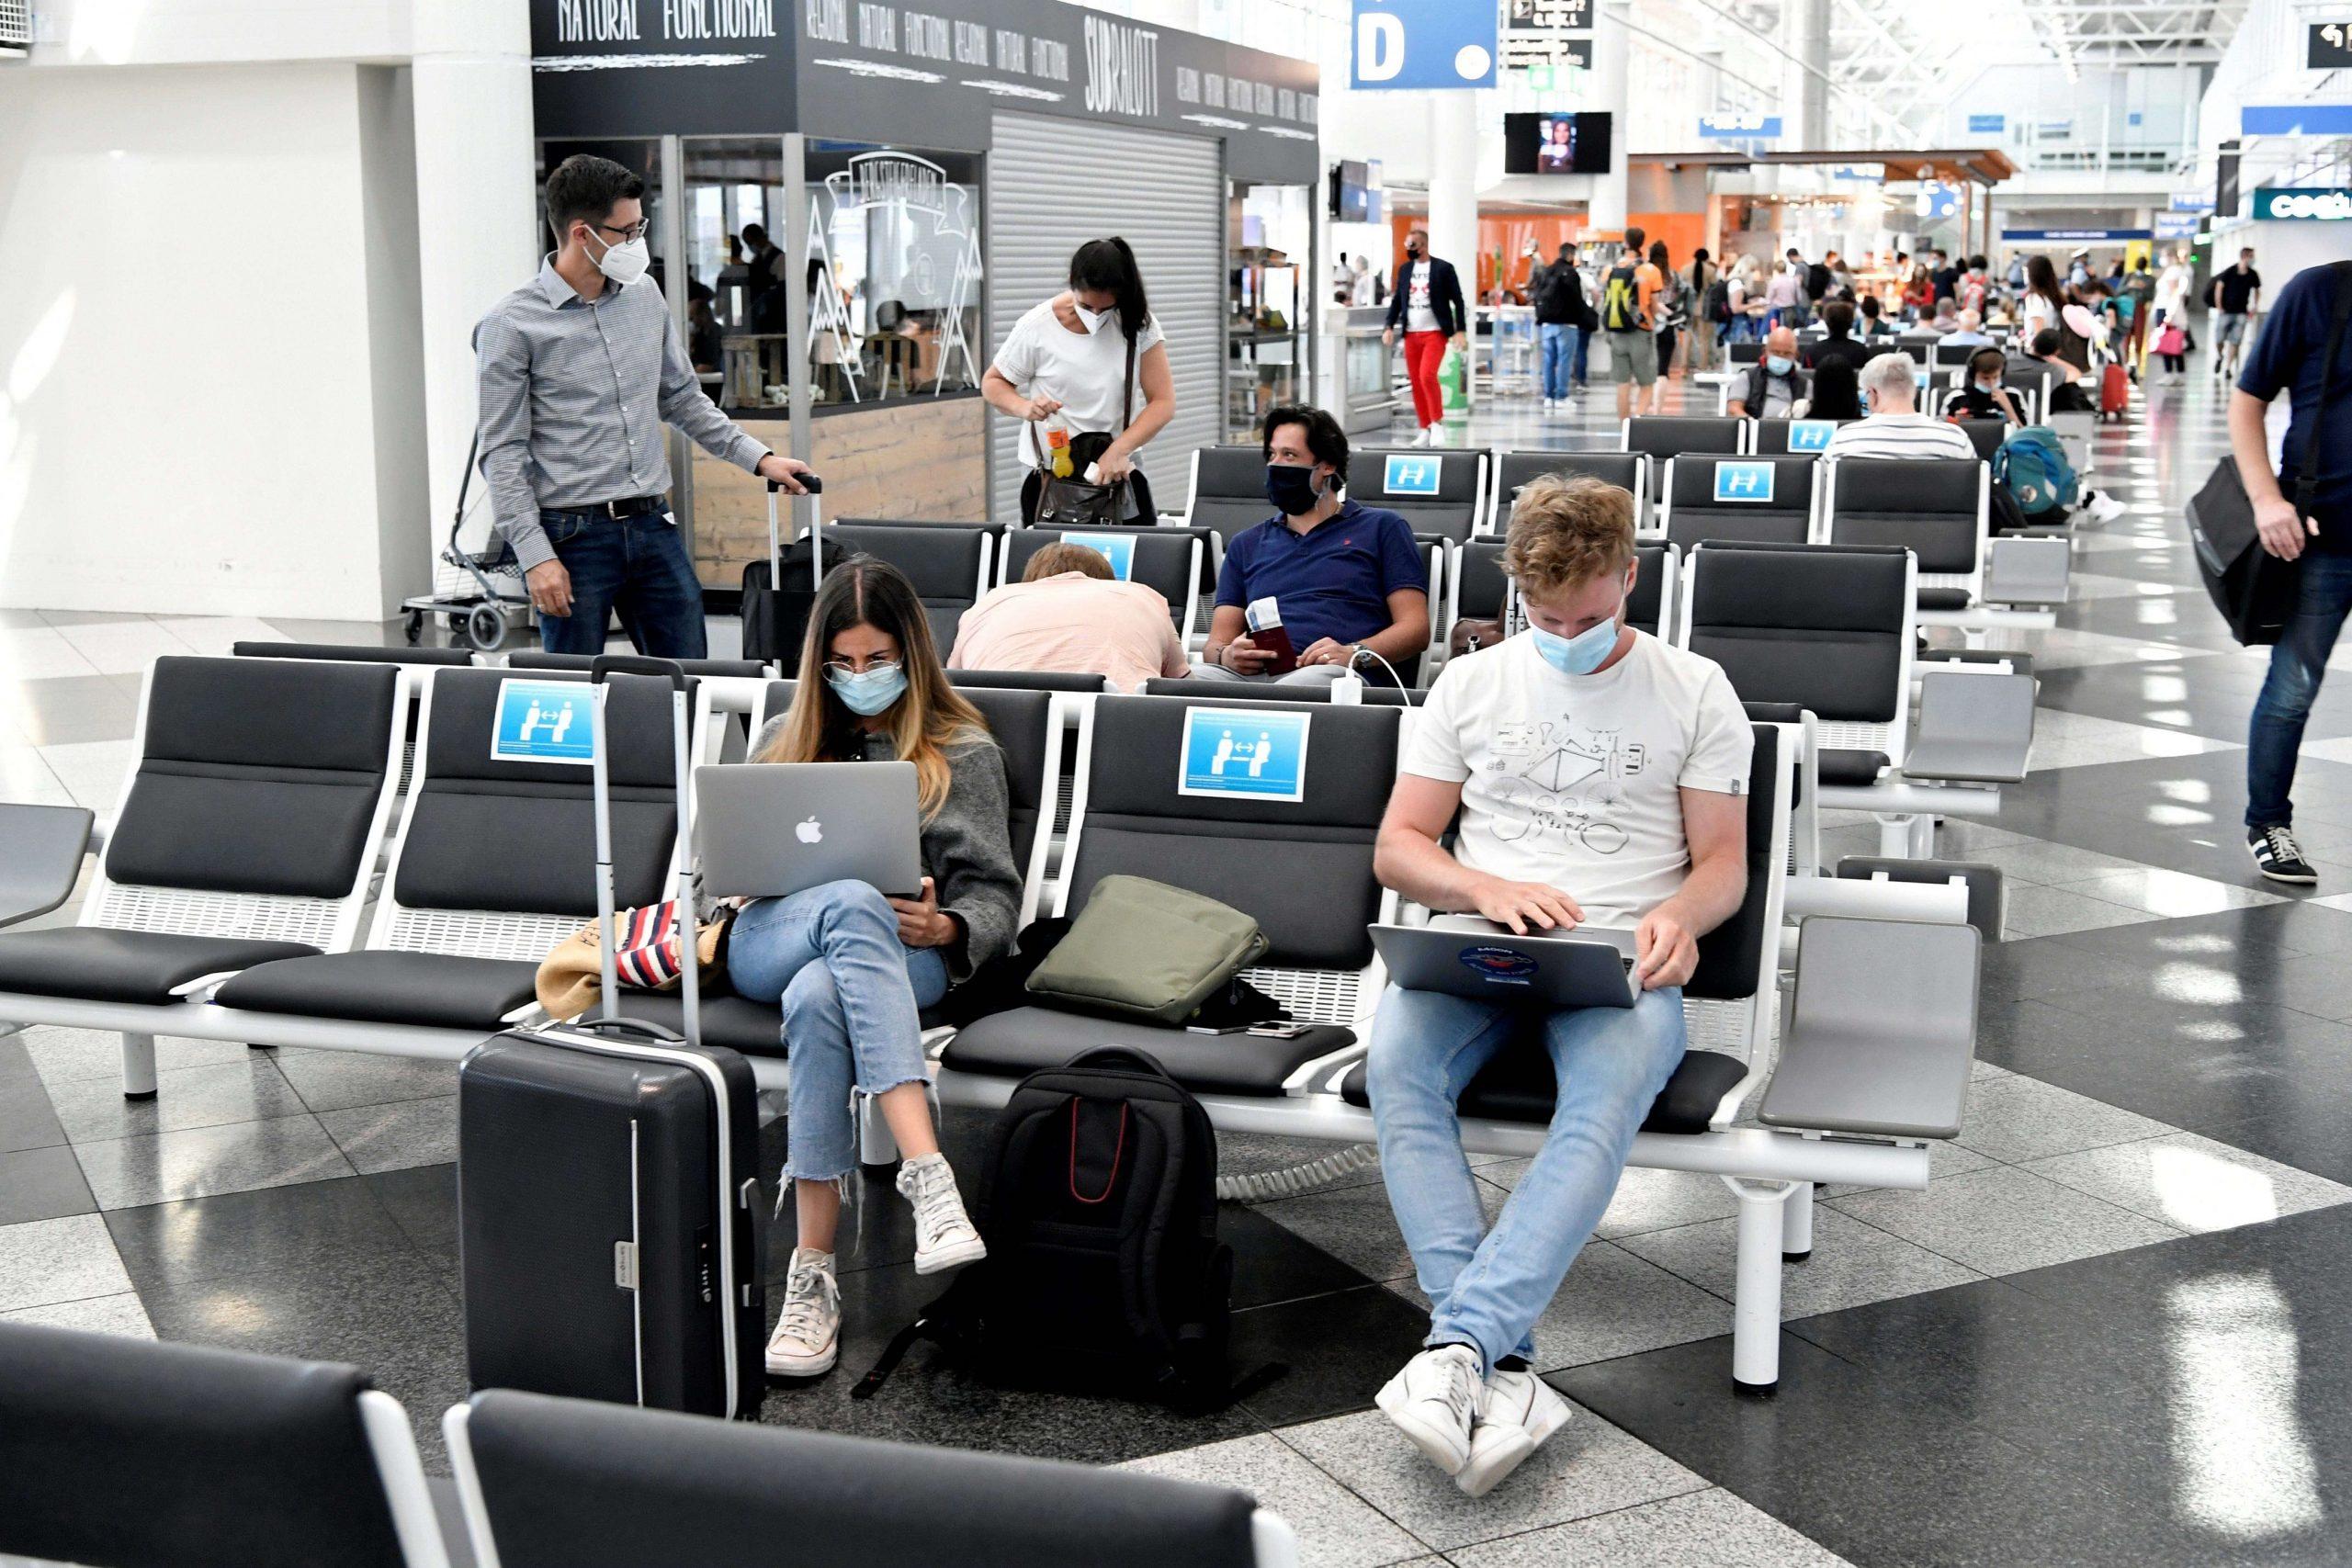 Med stadig flere færdigvaccinerede genåbner flere rejsemål i udlandet. Her arkivpressefoto fra München Airport.